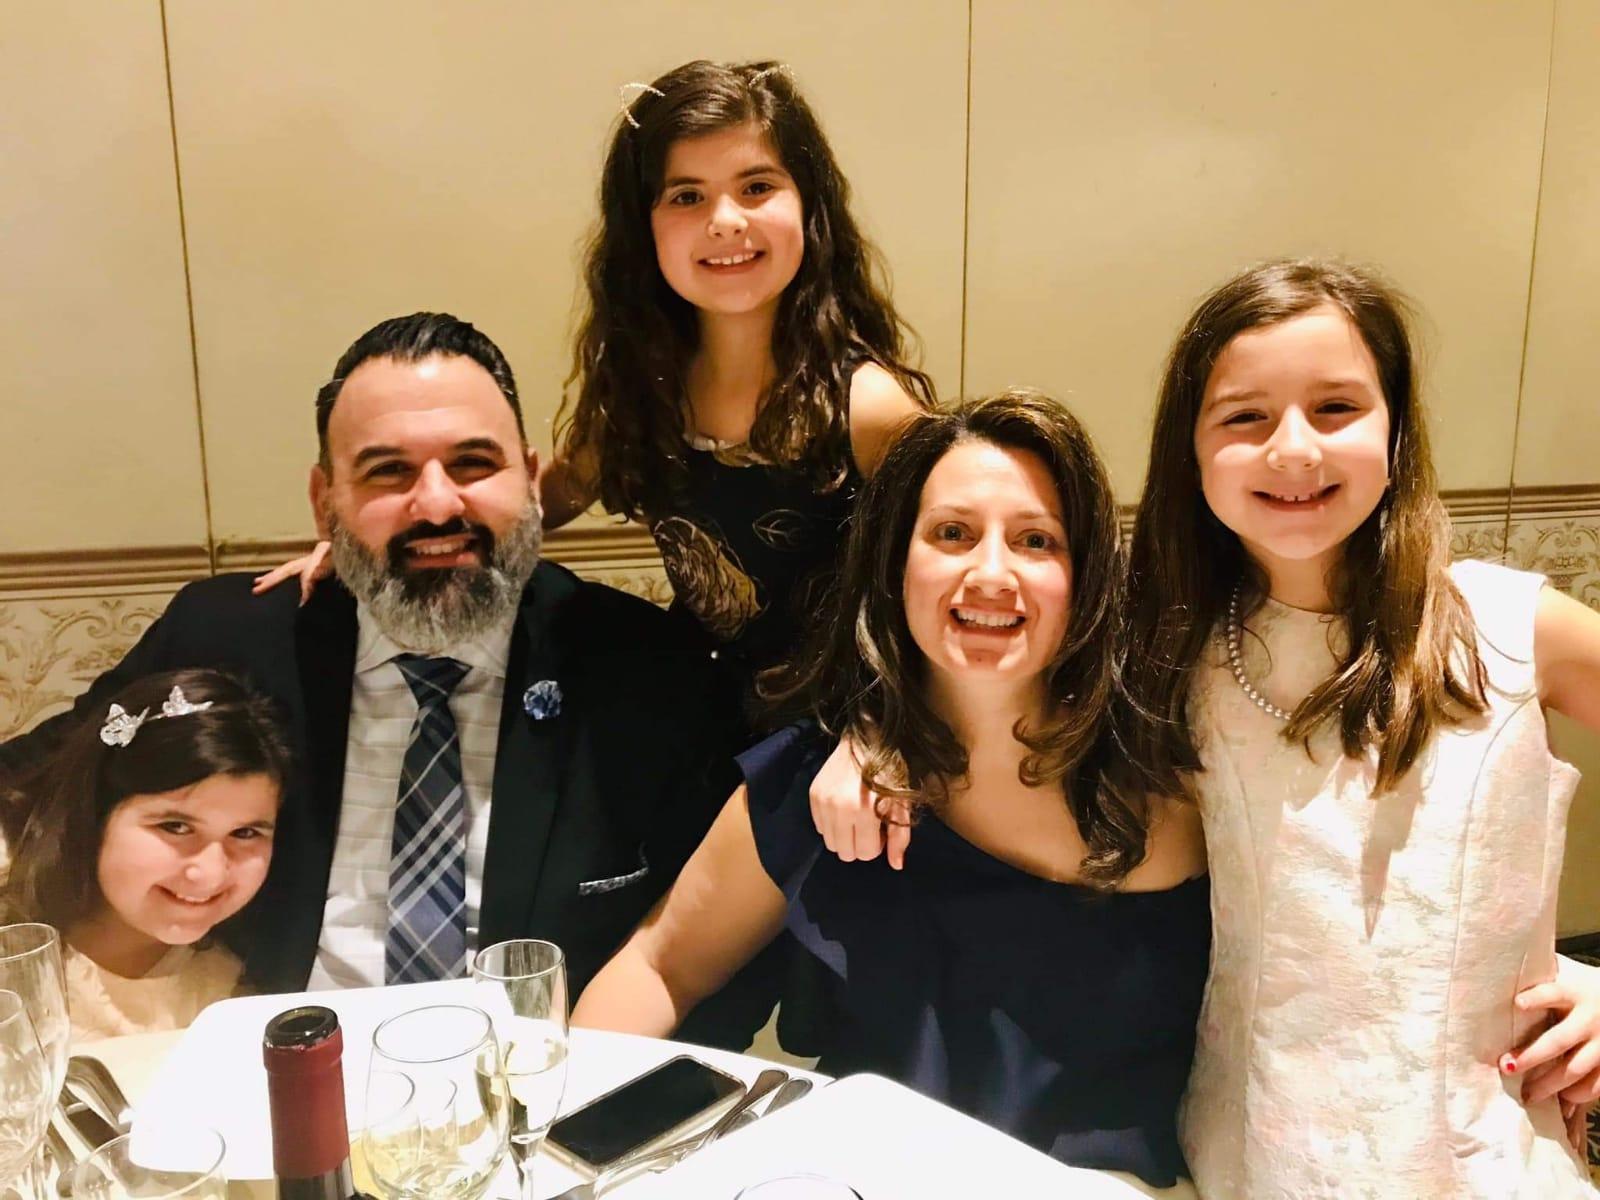 Frank de lio & family